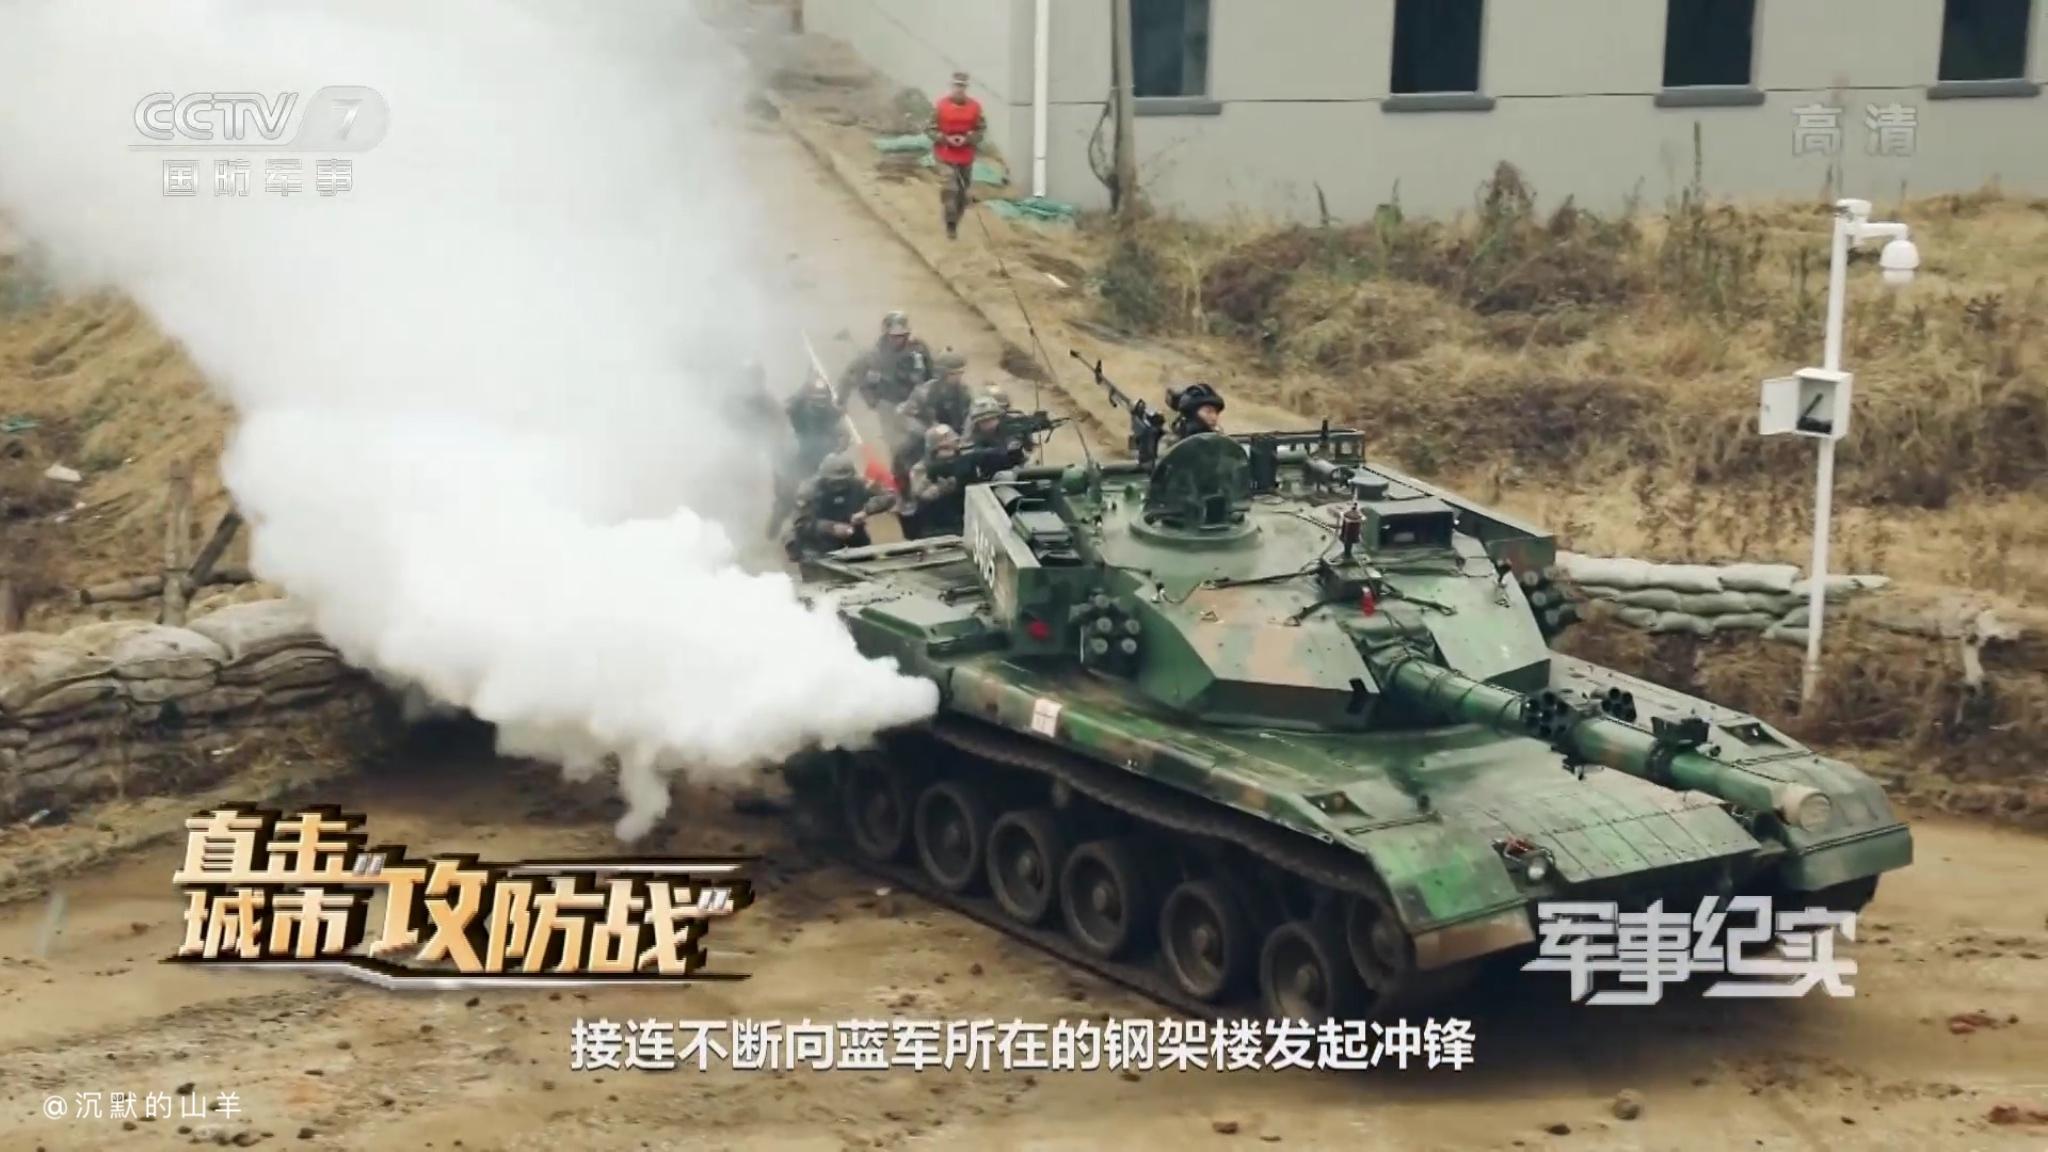 """央视曝光解放军""""攻城""""画面,30辆坦克发起冲锋,坦克街头对射"""